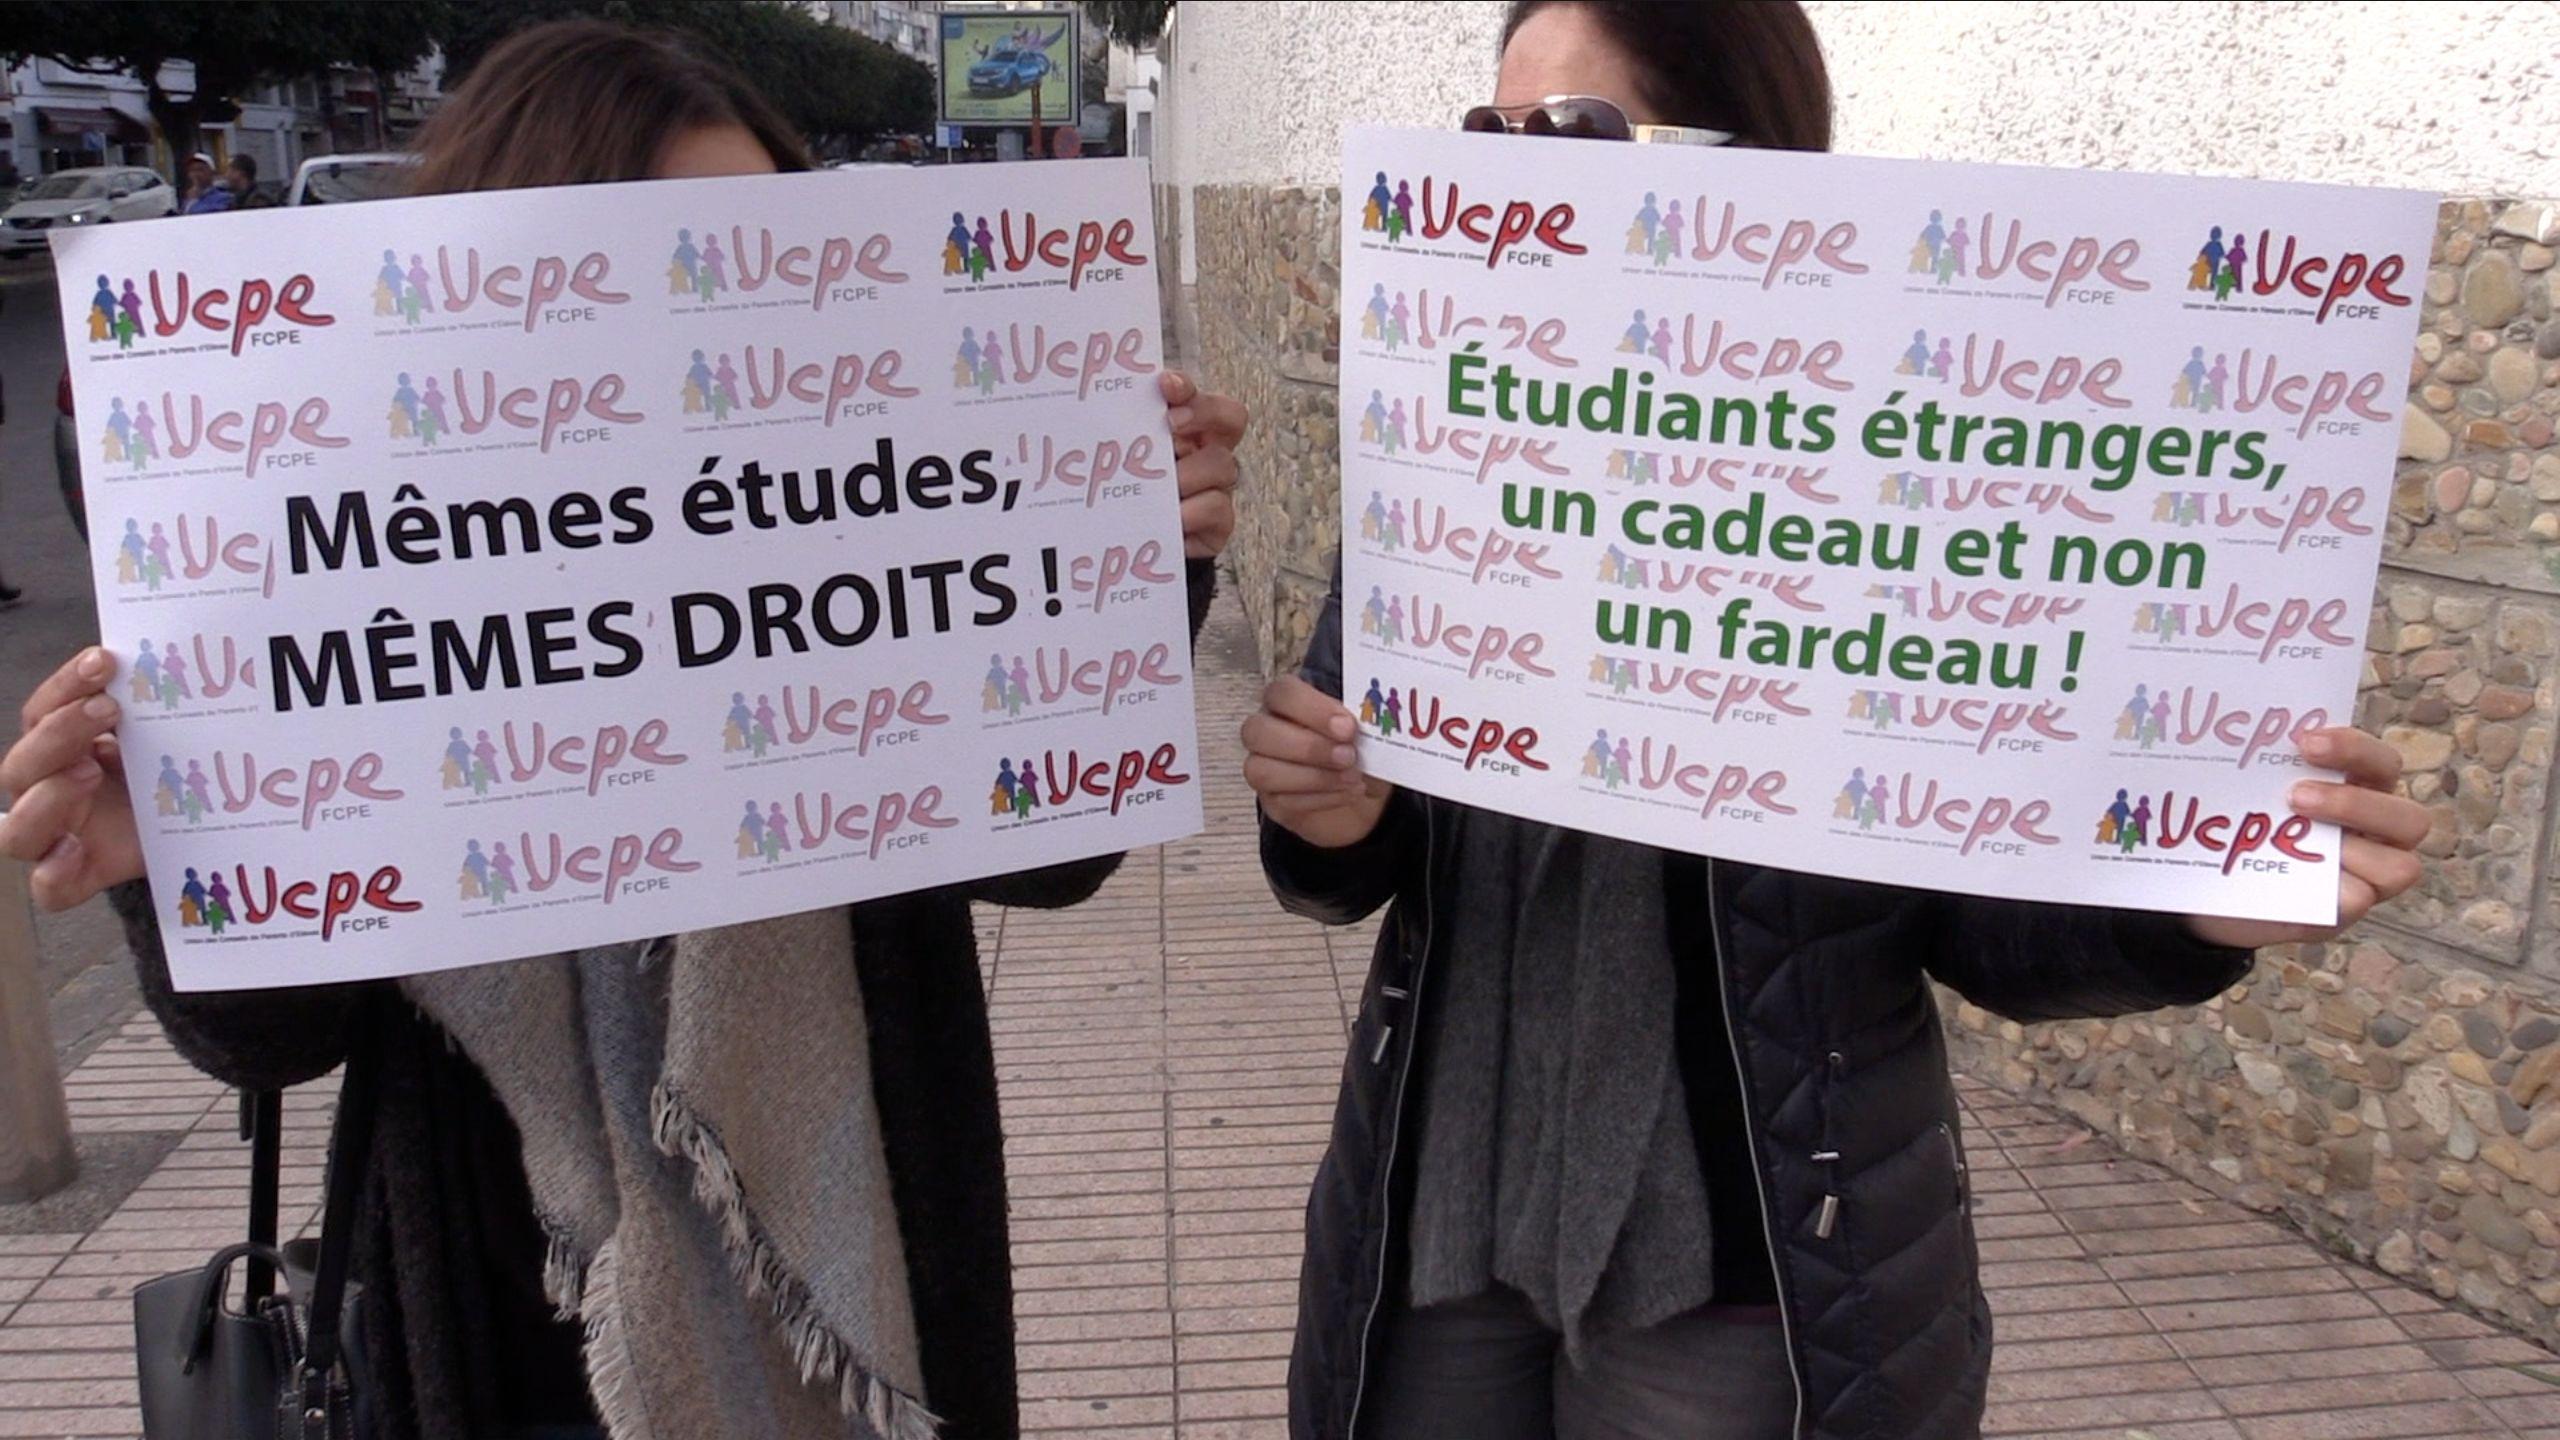 À Casablanca, ils dénoncent l'explosion des frais de scolarité pour les étudiants étrangers en France